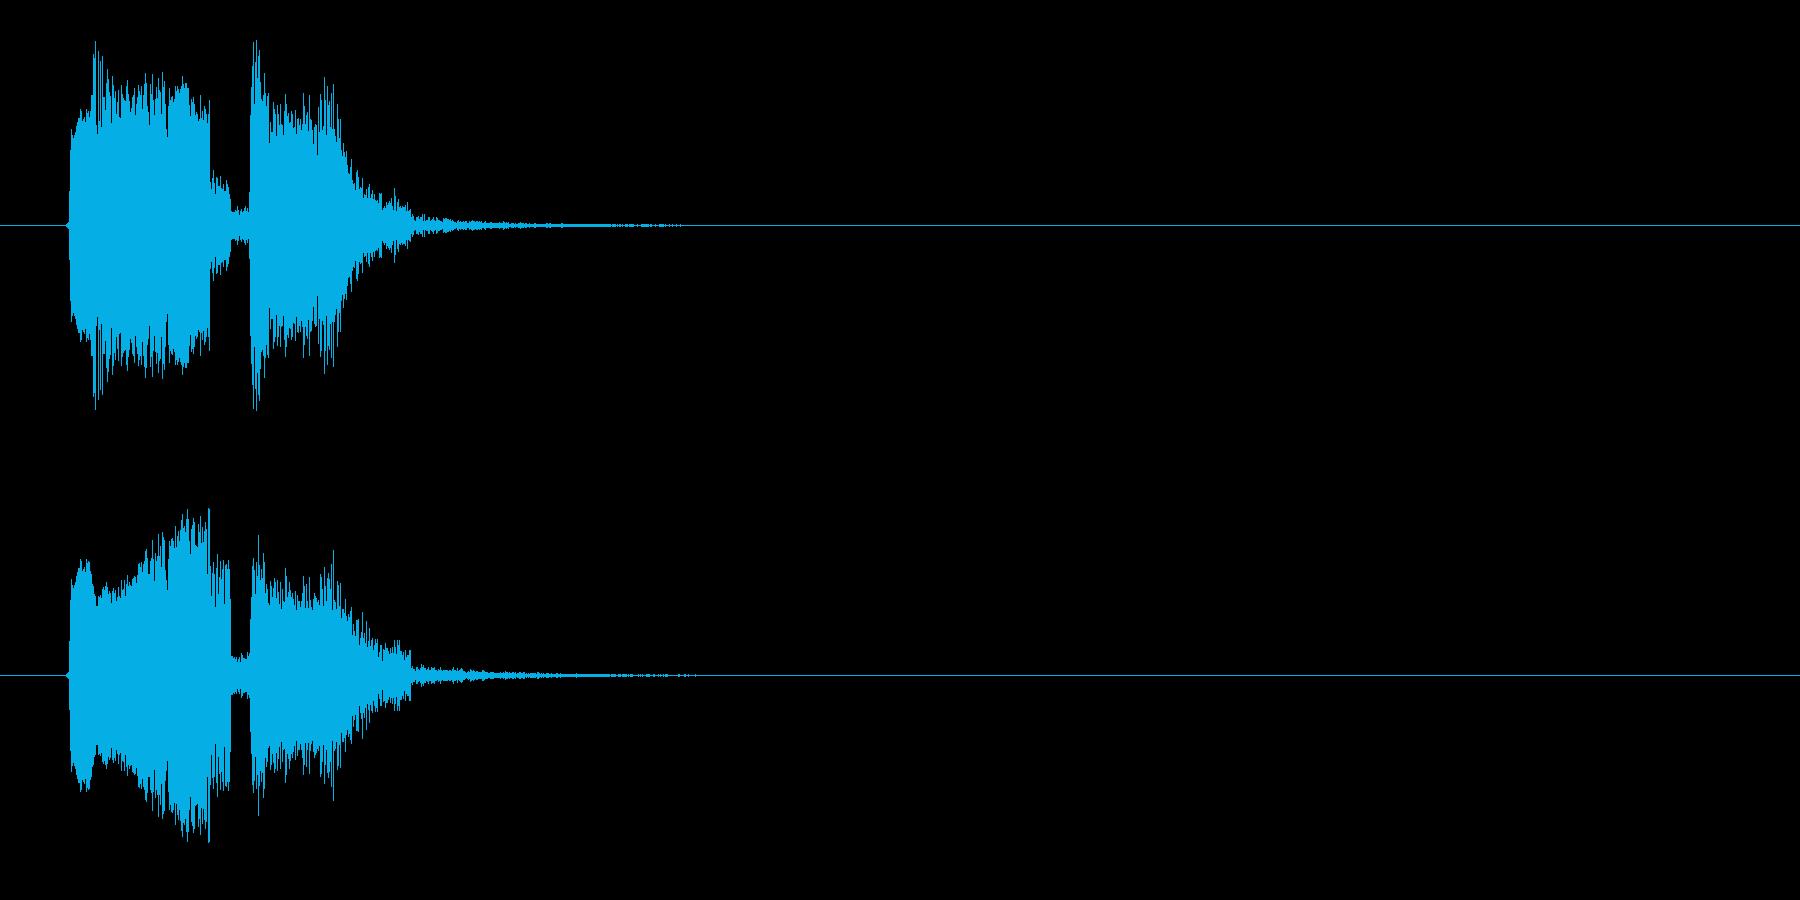 ビヨヨン、ジャン(コミカル、オチ)の再生済みの波形